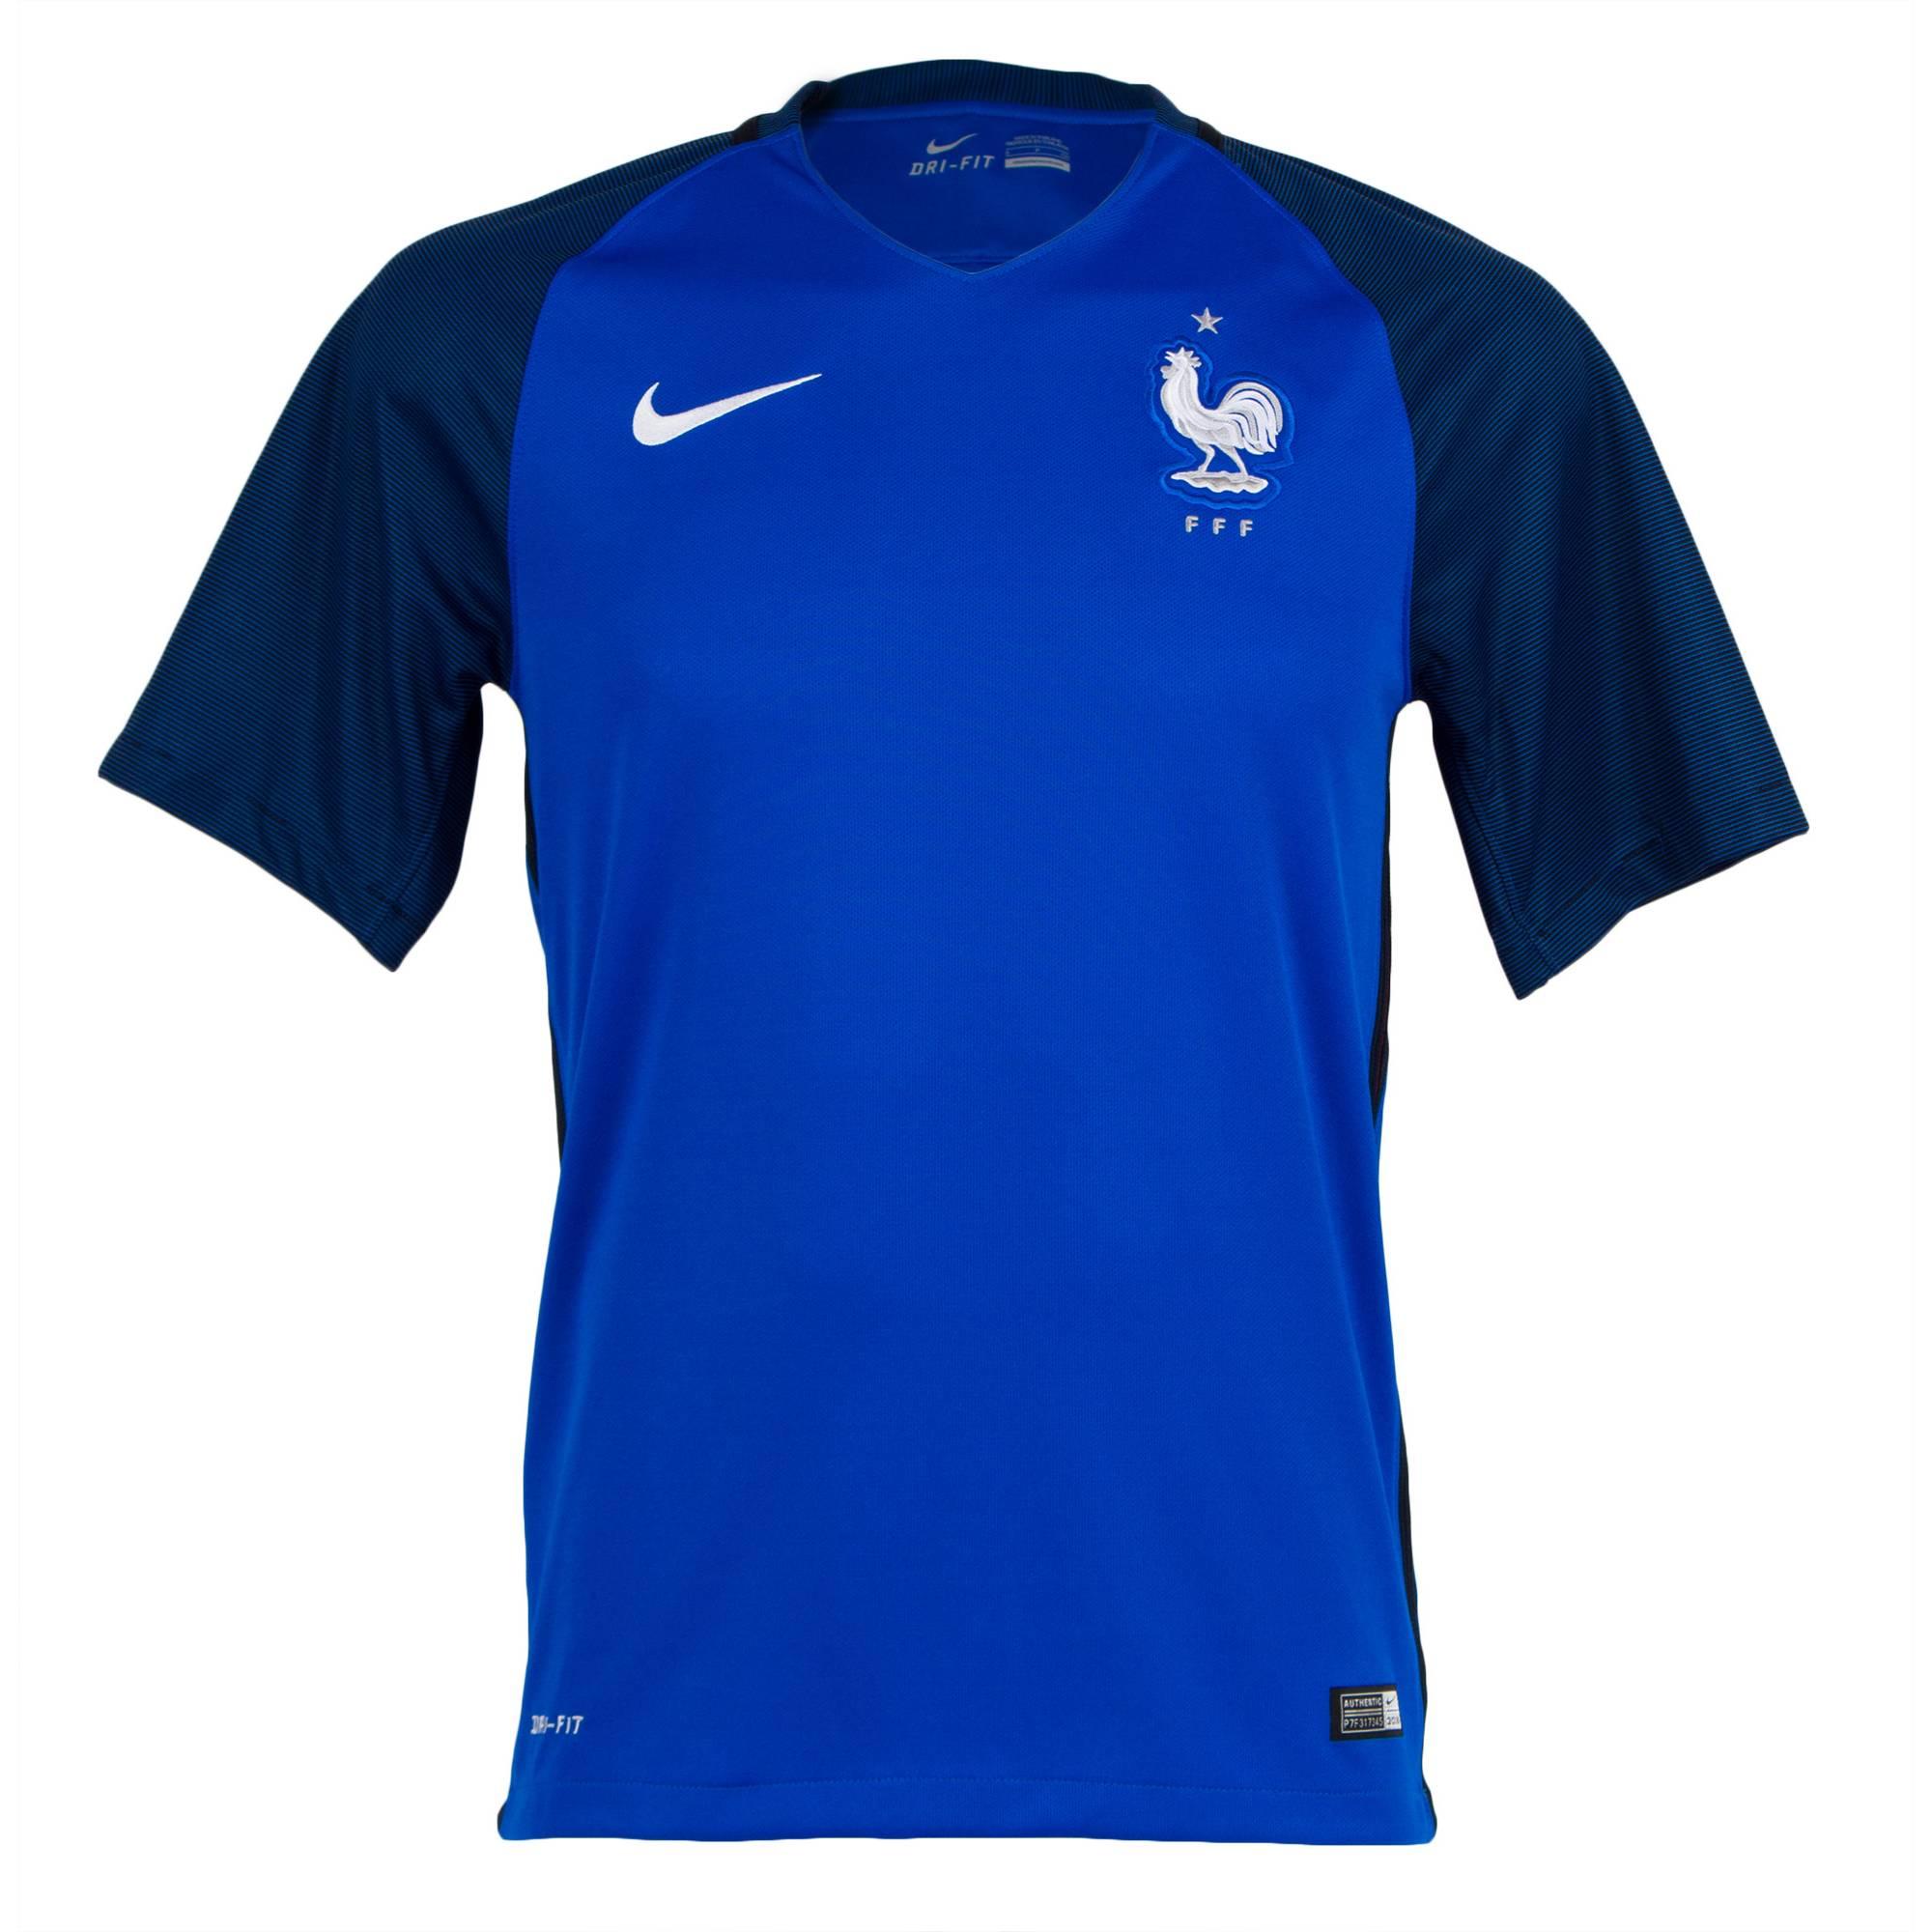 Selección Fútbol Nike Nike Francesa Nike Camiseta Camiseta Francesa Nike Fútbol Camiseta Francesa Selección Fútbol Selección q14SwAtBA